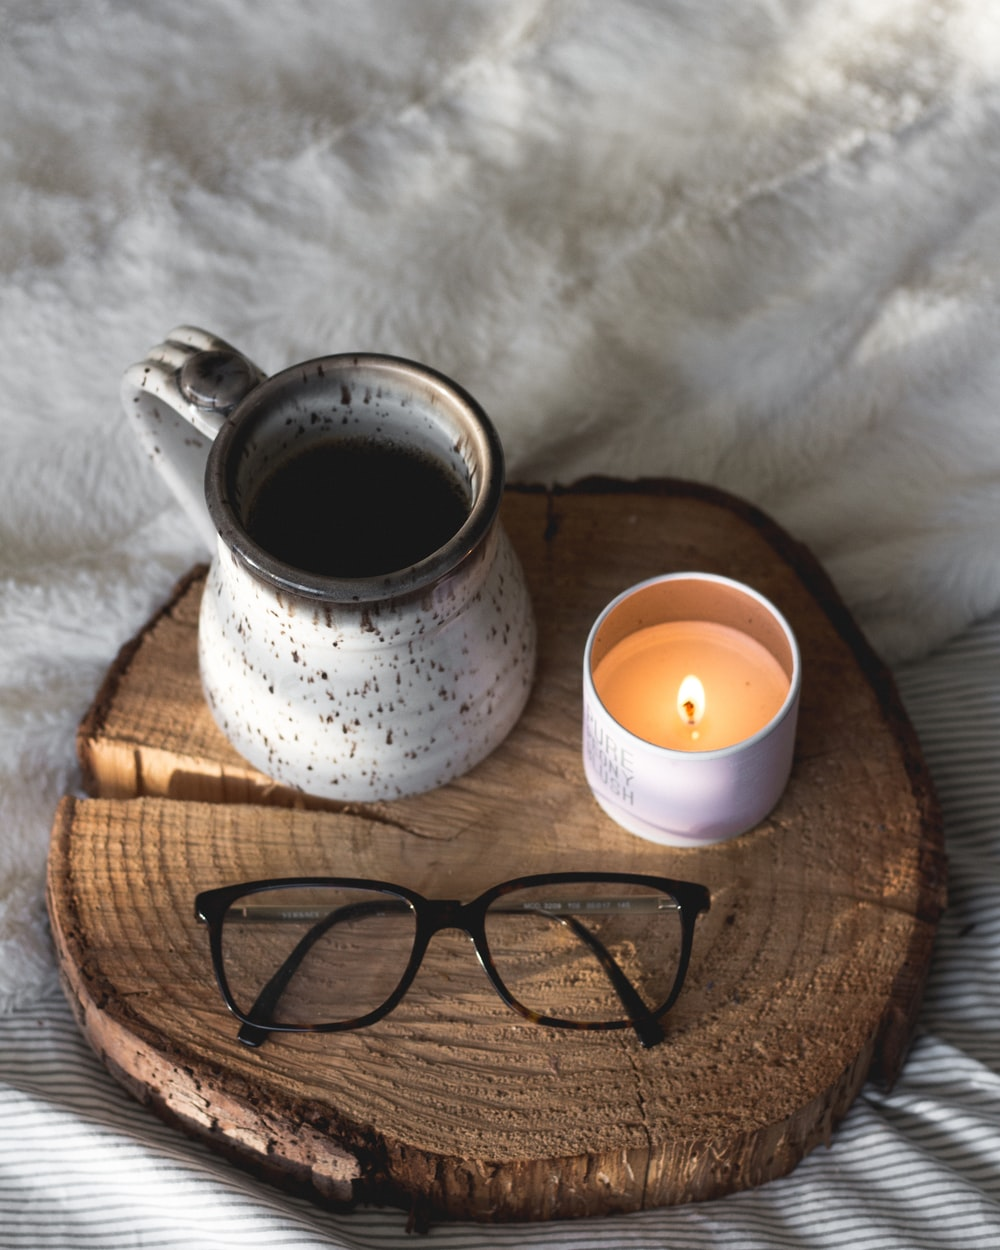 black-framed eyeglasses beside candle